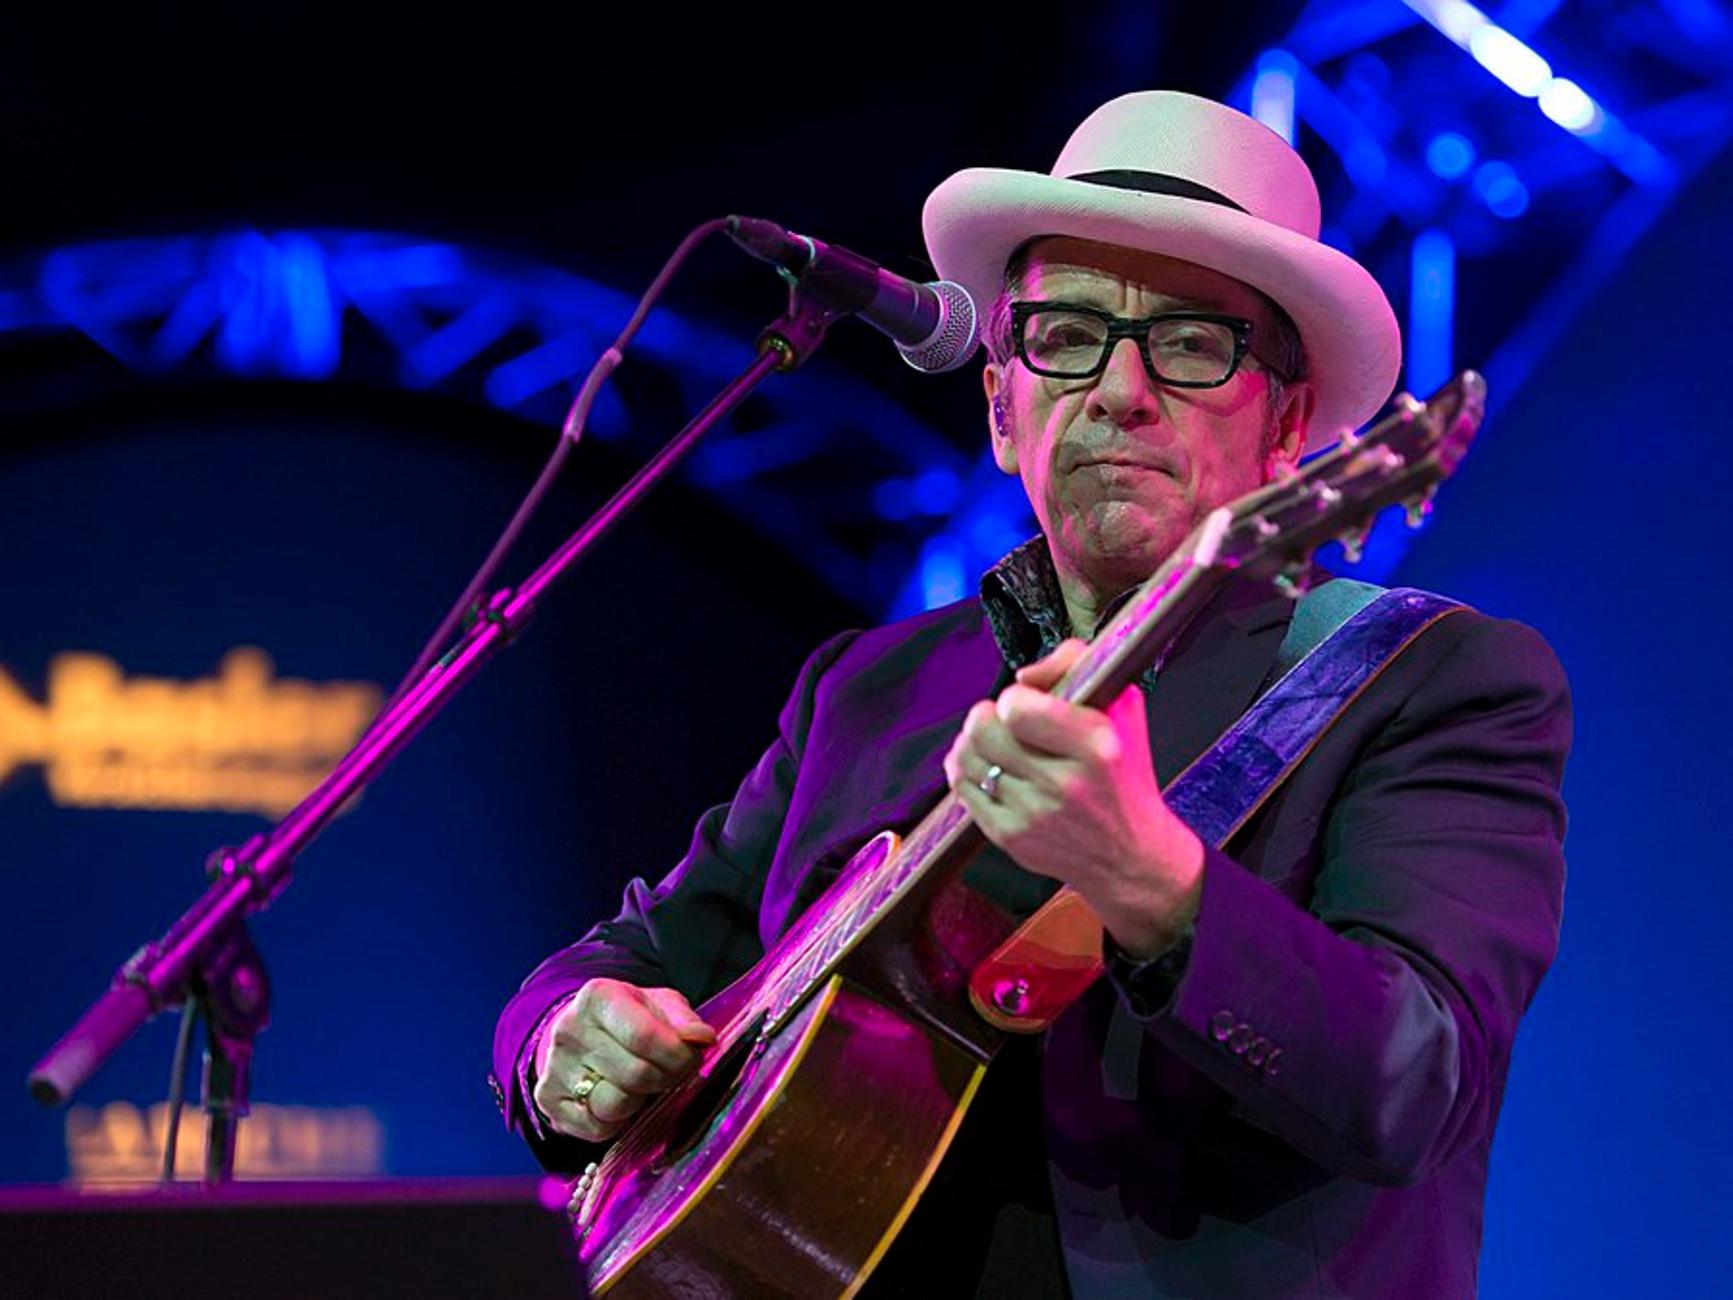 Επέστρεψε ο Elvis Costello – «No Flag» το νέο του τραγούδι